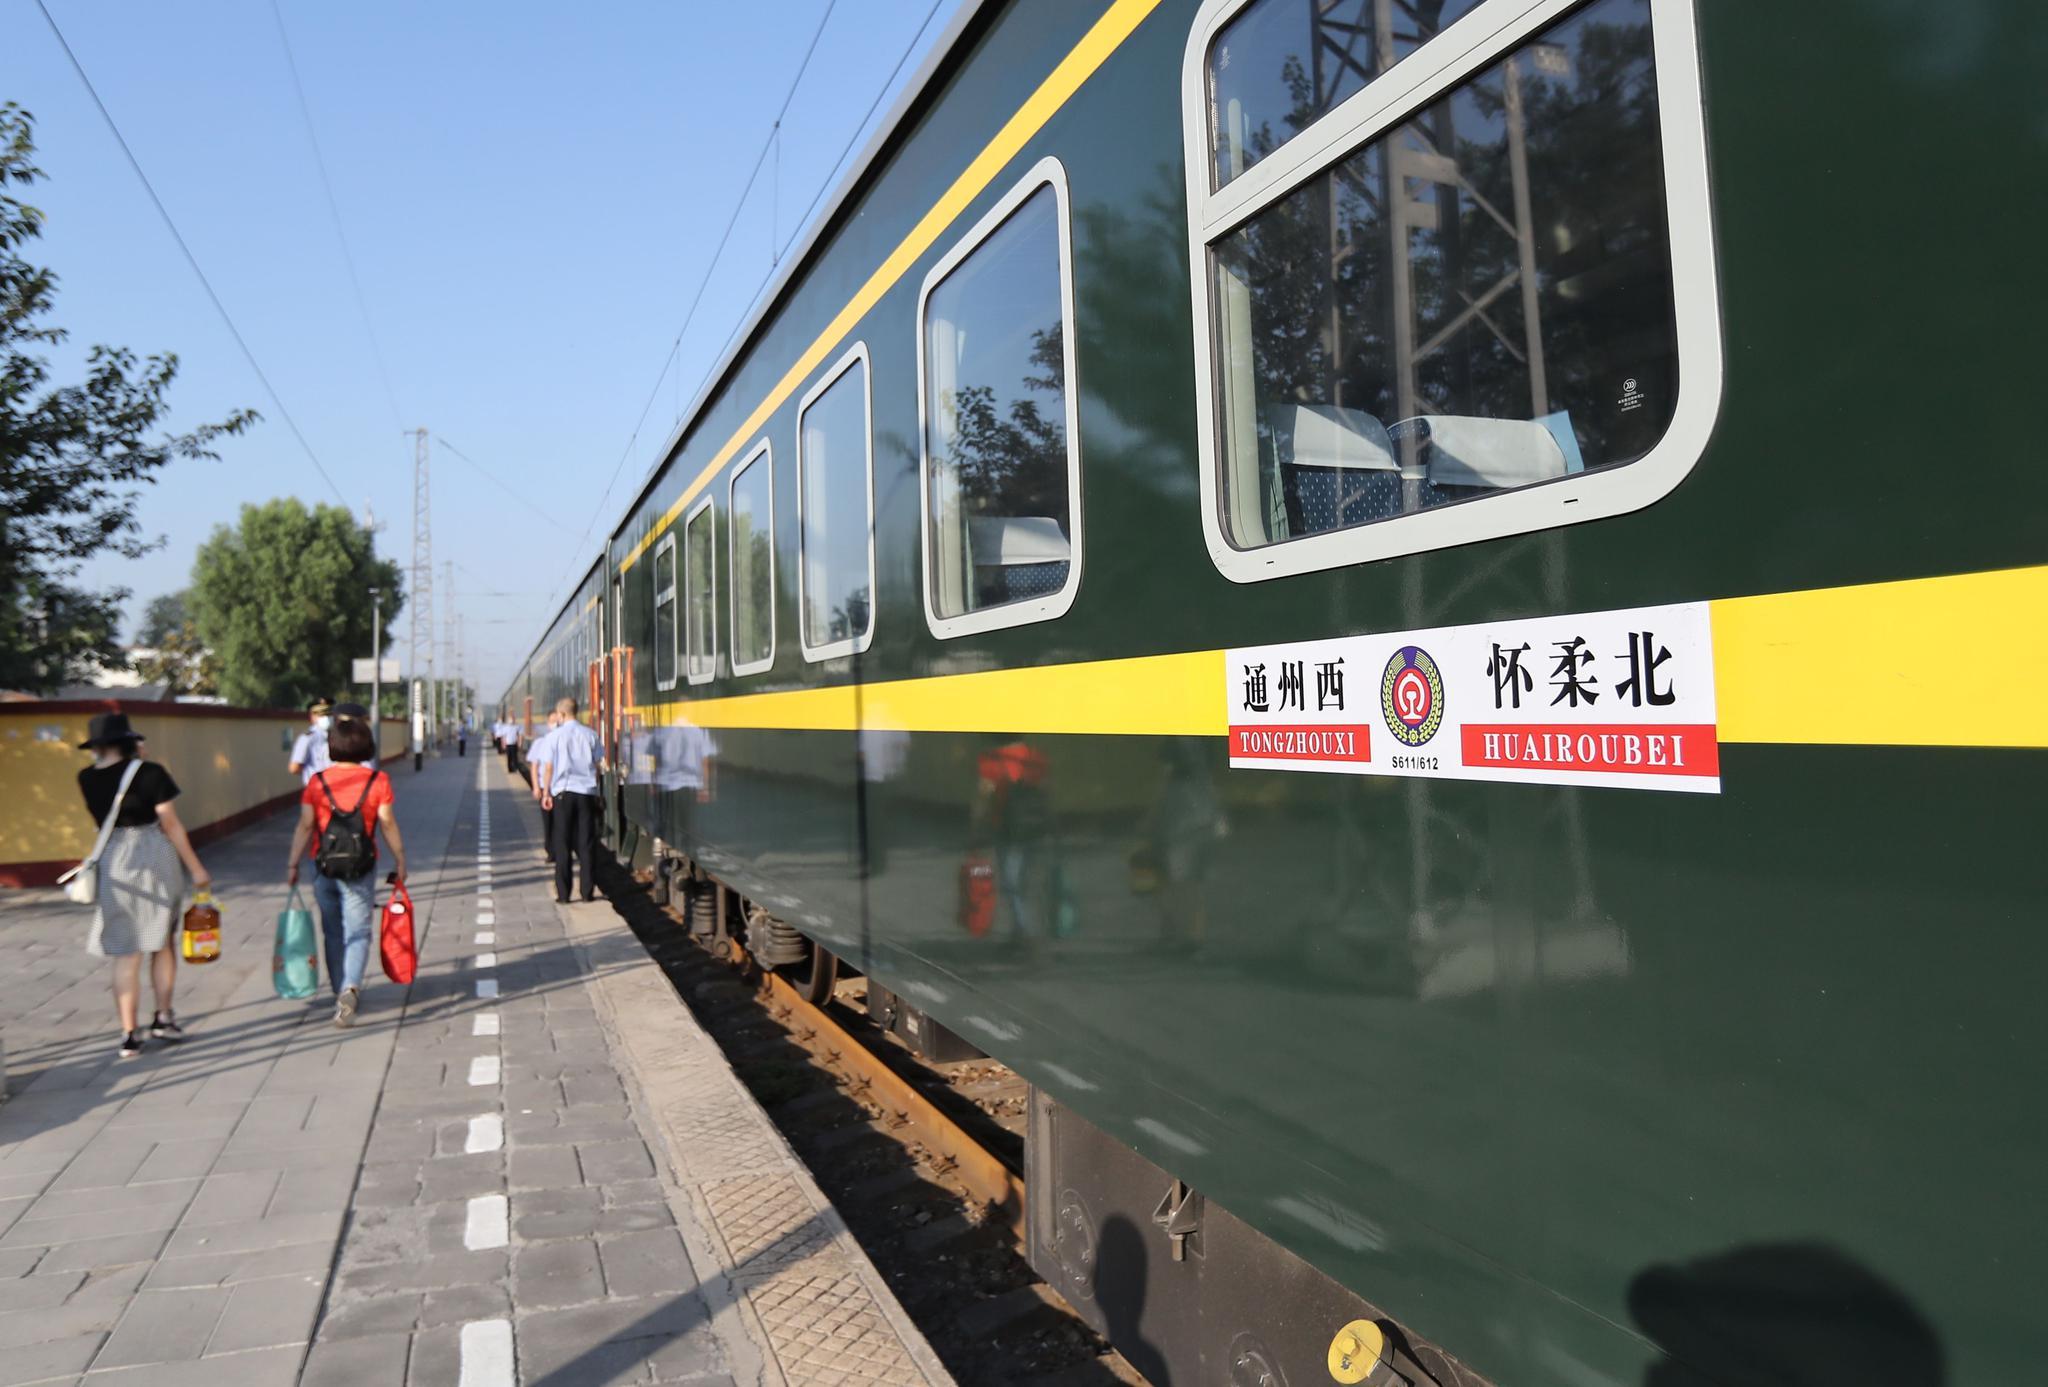 有望与轨道交通杏悦衔接并延伸至北京,杏悦图片